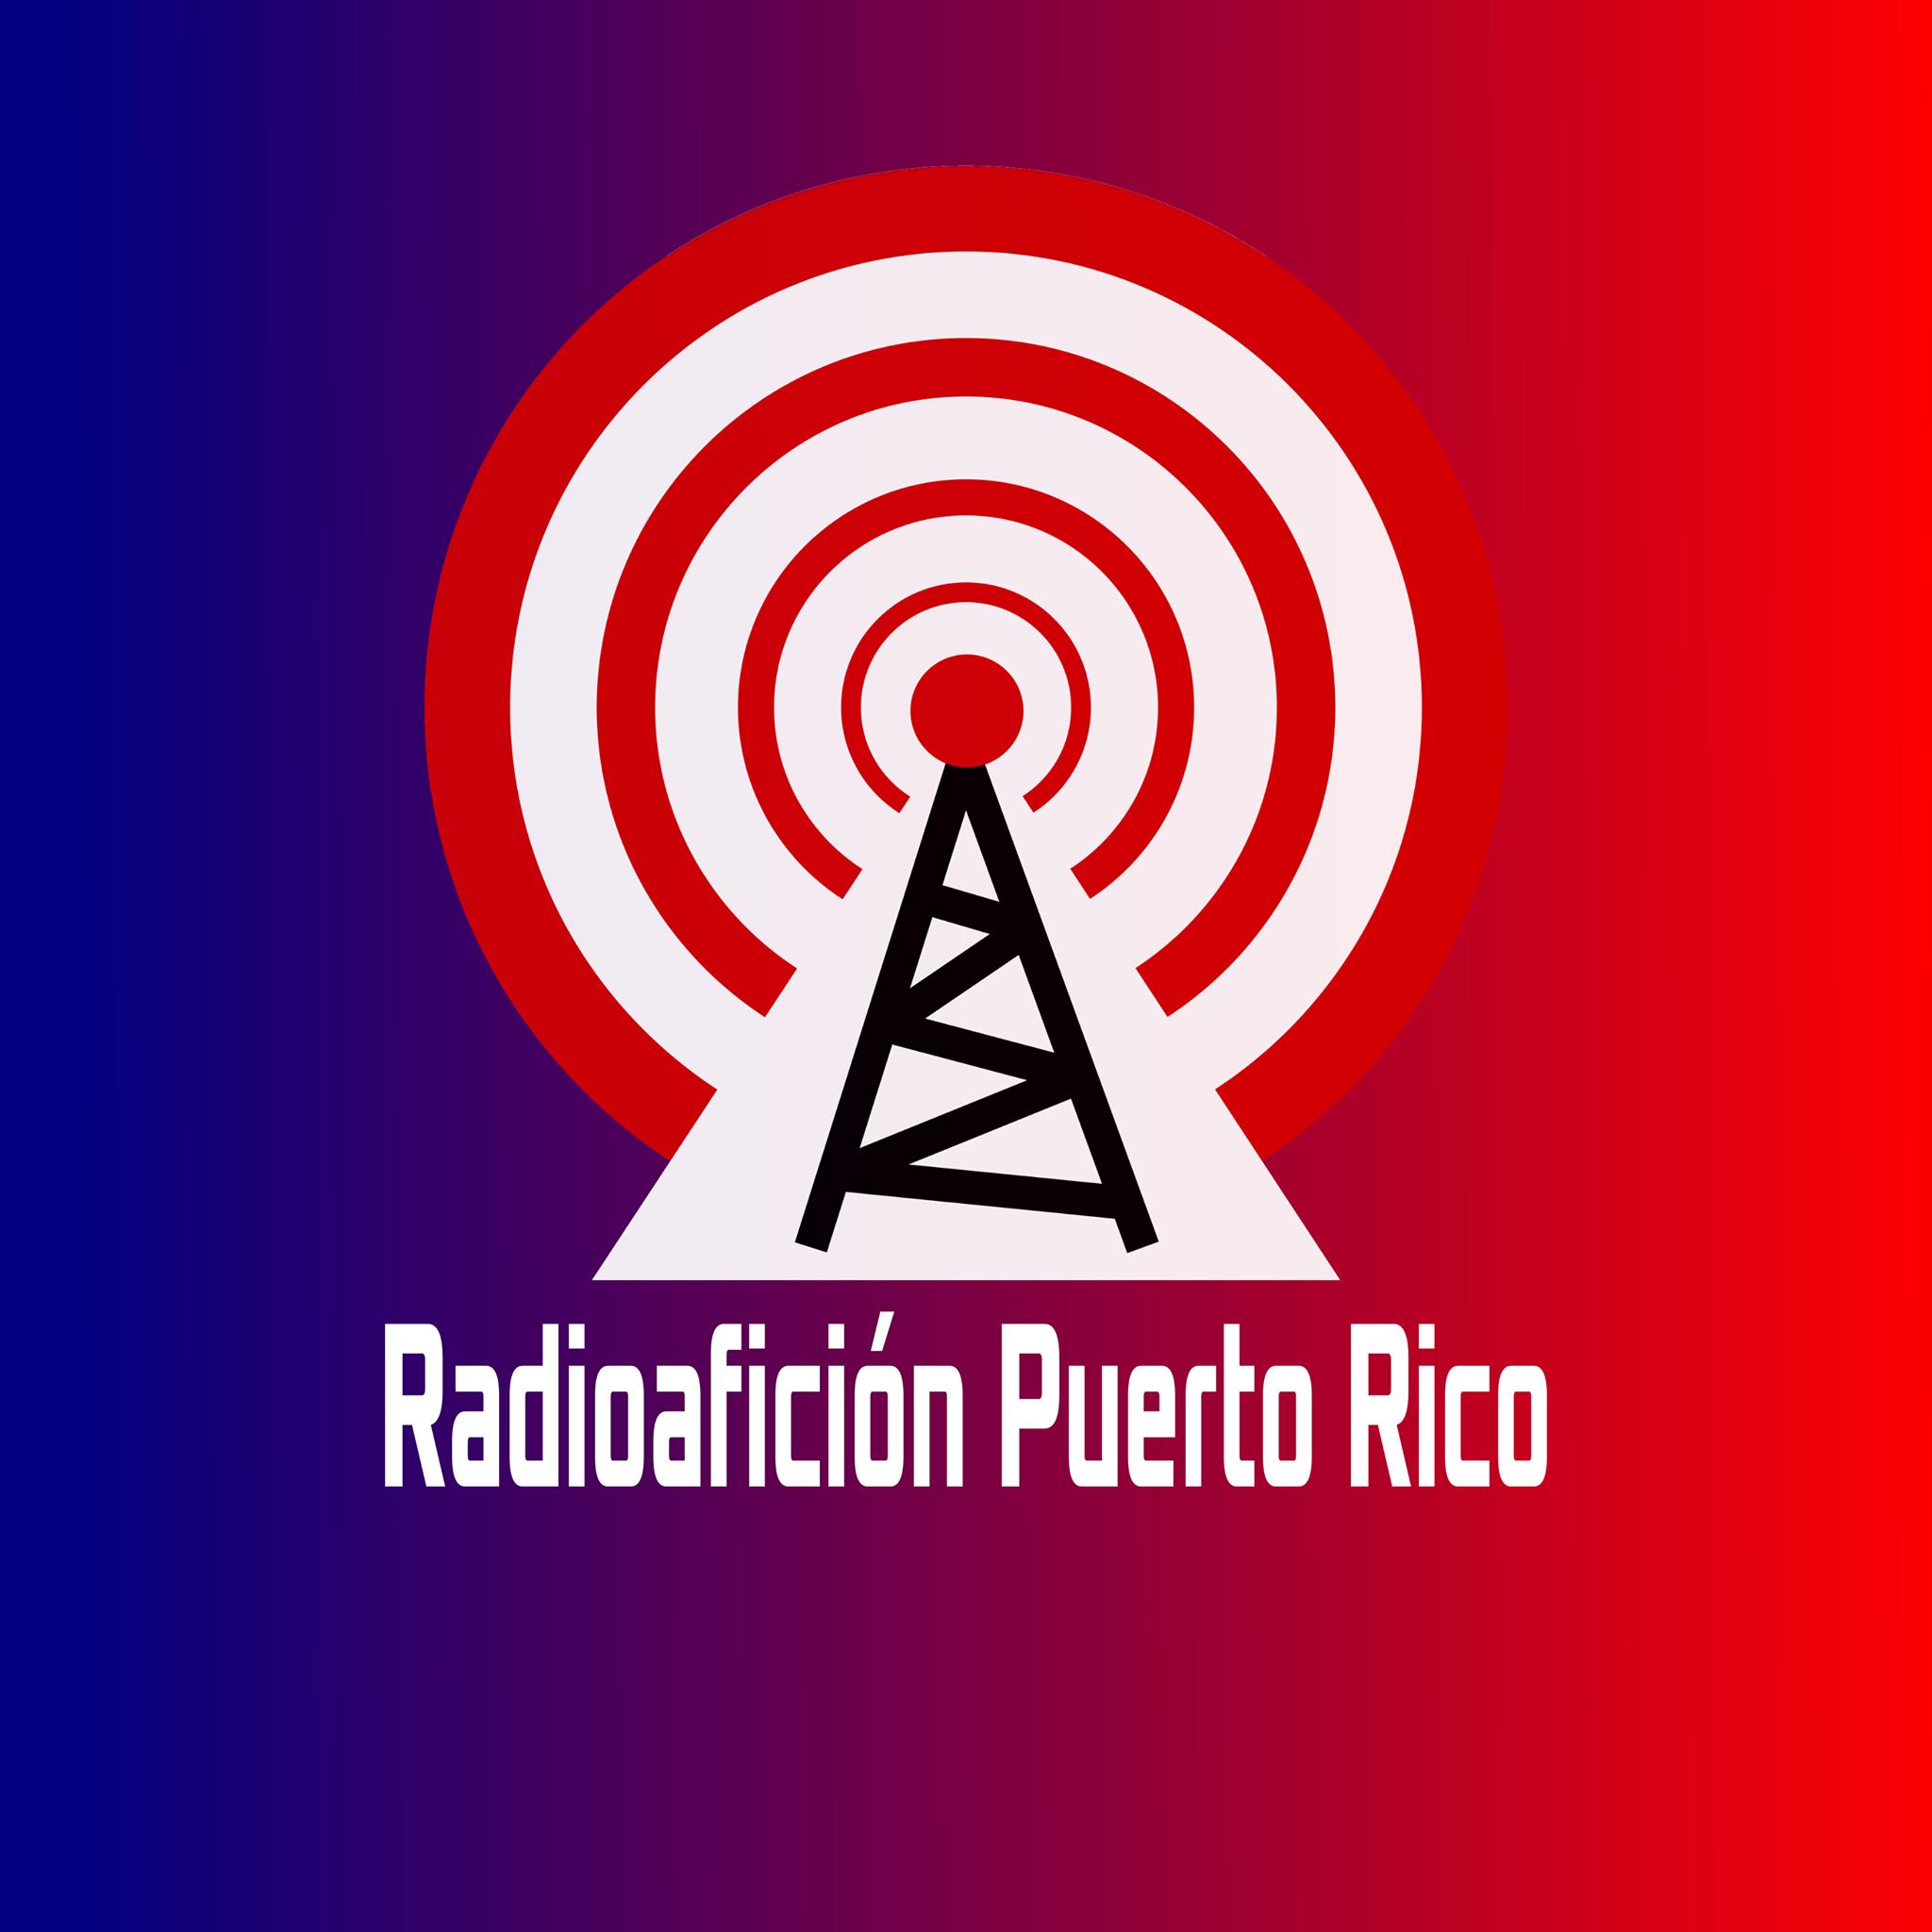 Radioaficion Puerto Rico